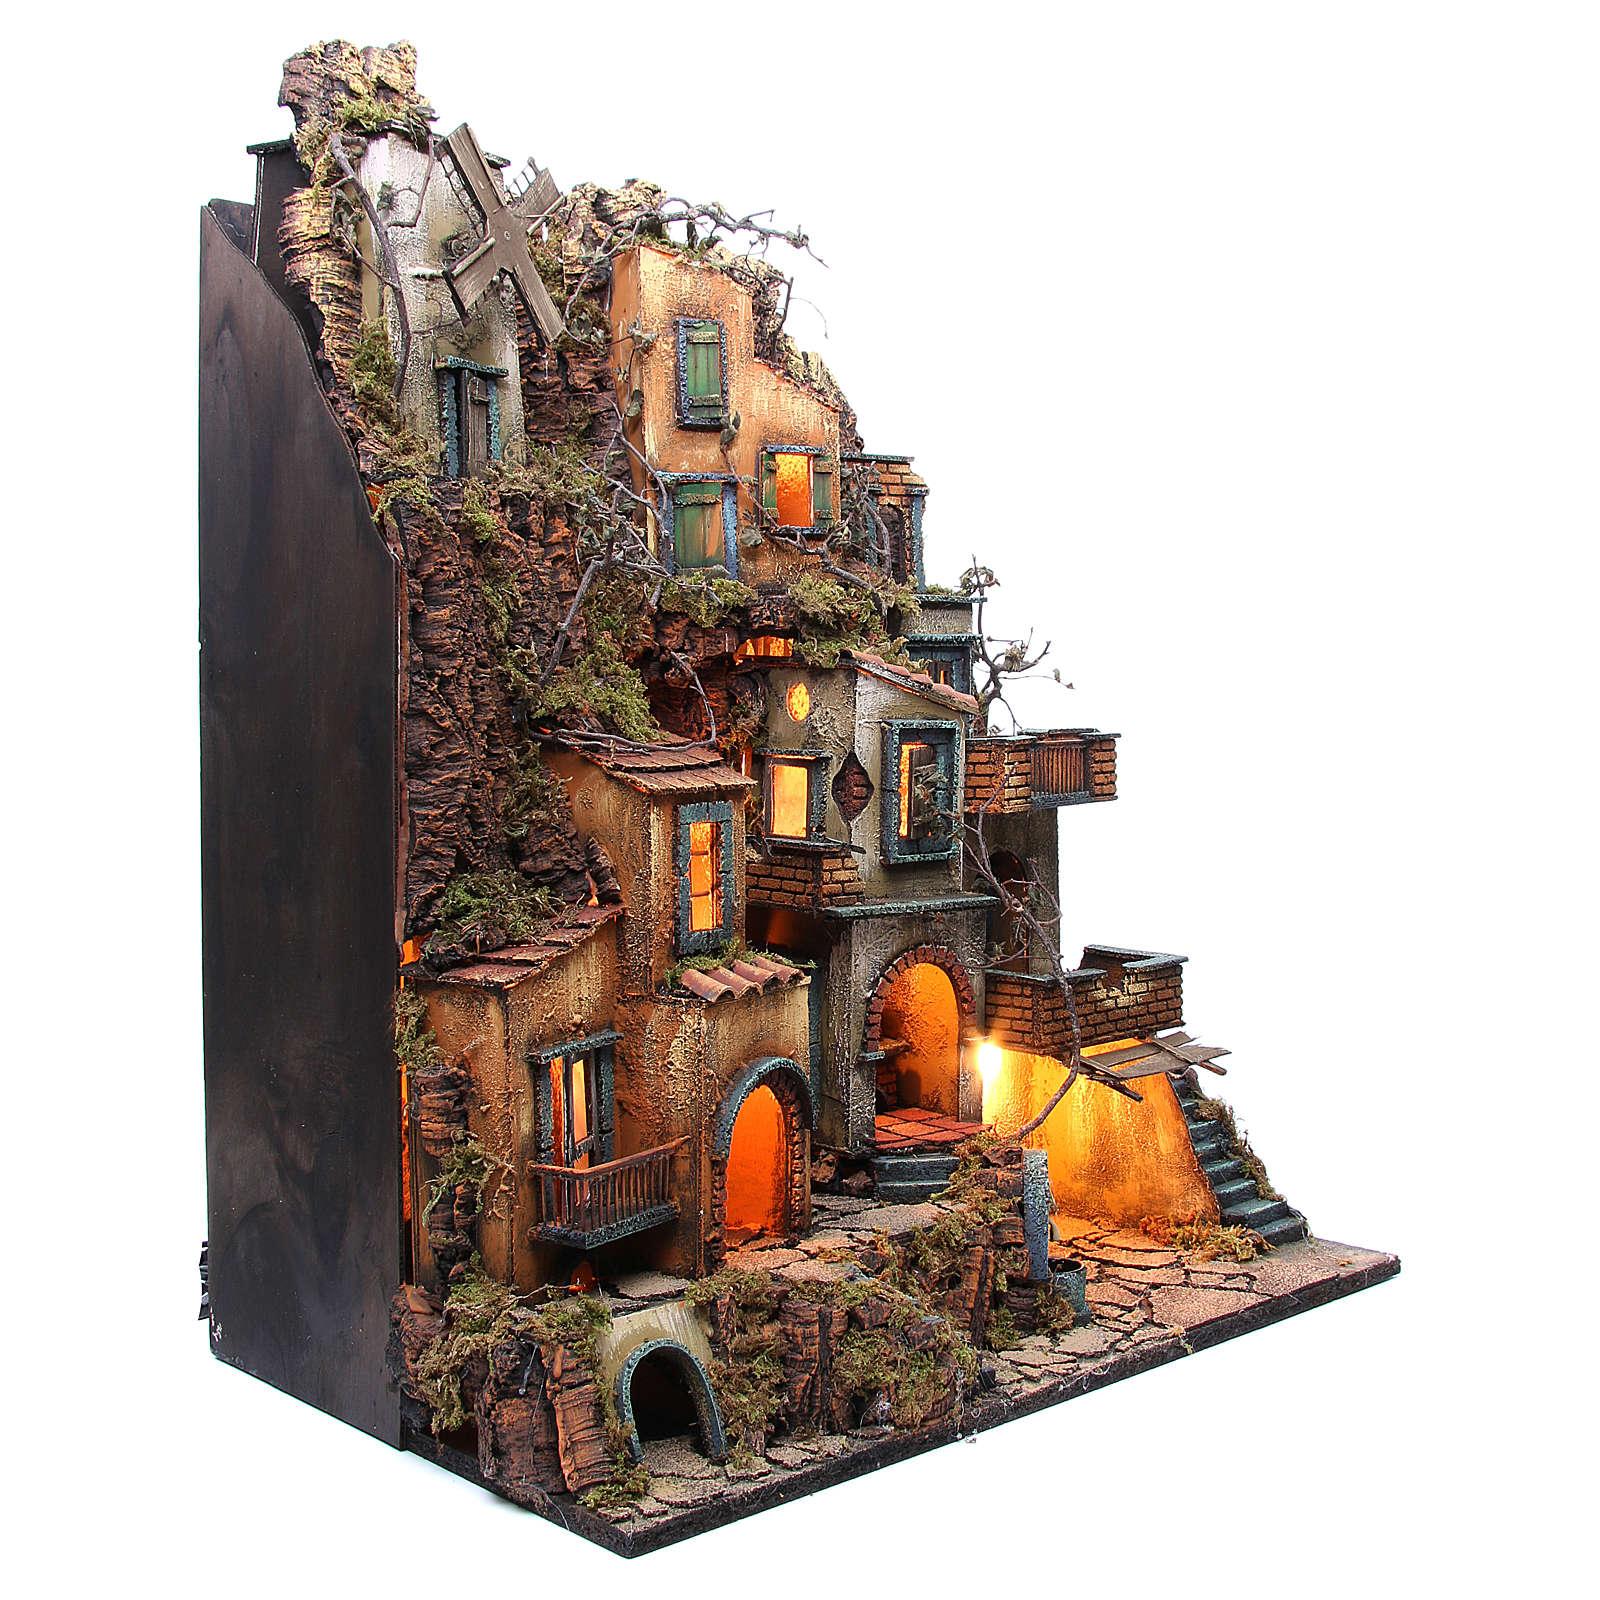 Borgo completo presepe Napoli fontana forno mulino 80x70x40 cm 4